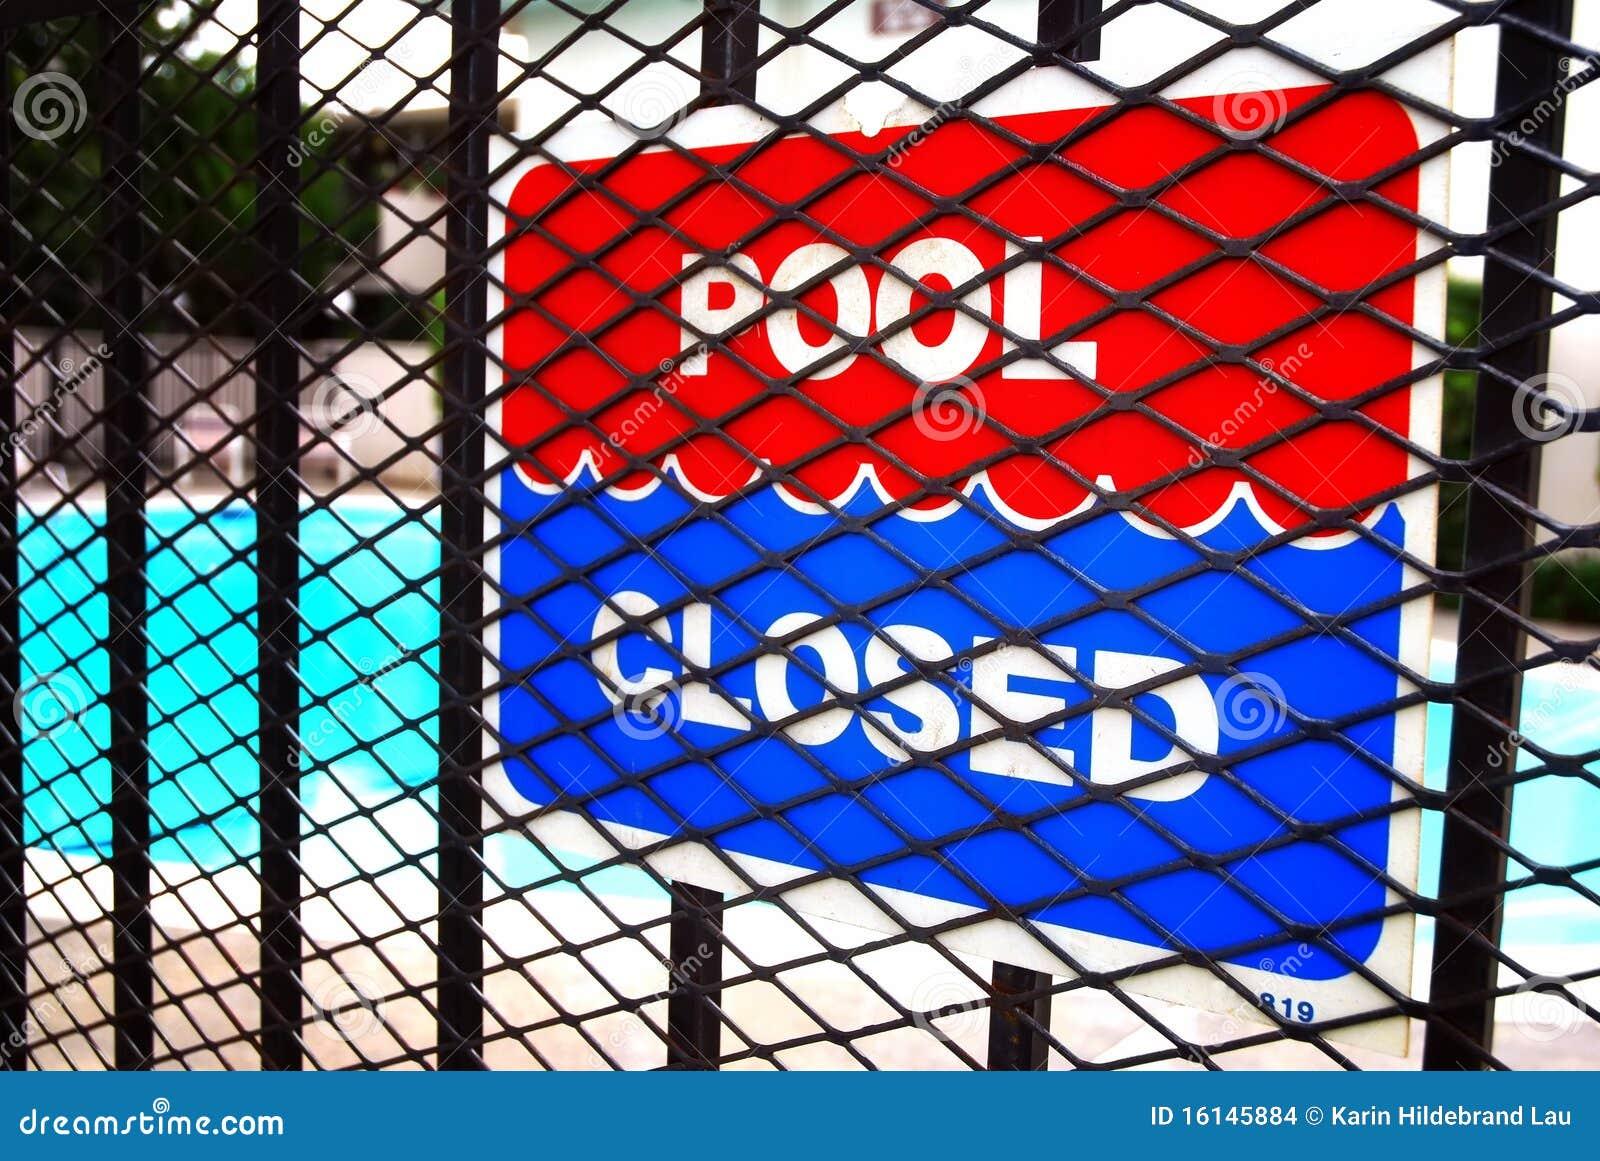 piscina cerrada imagenes de archivo imagen 16145884